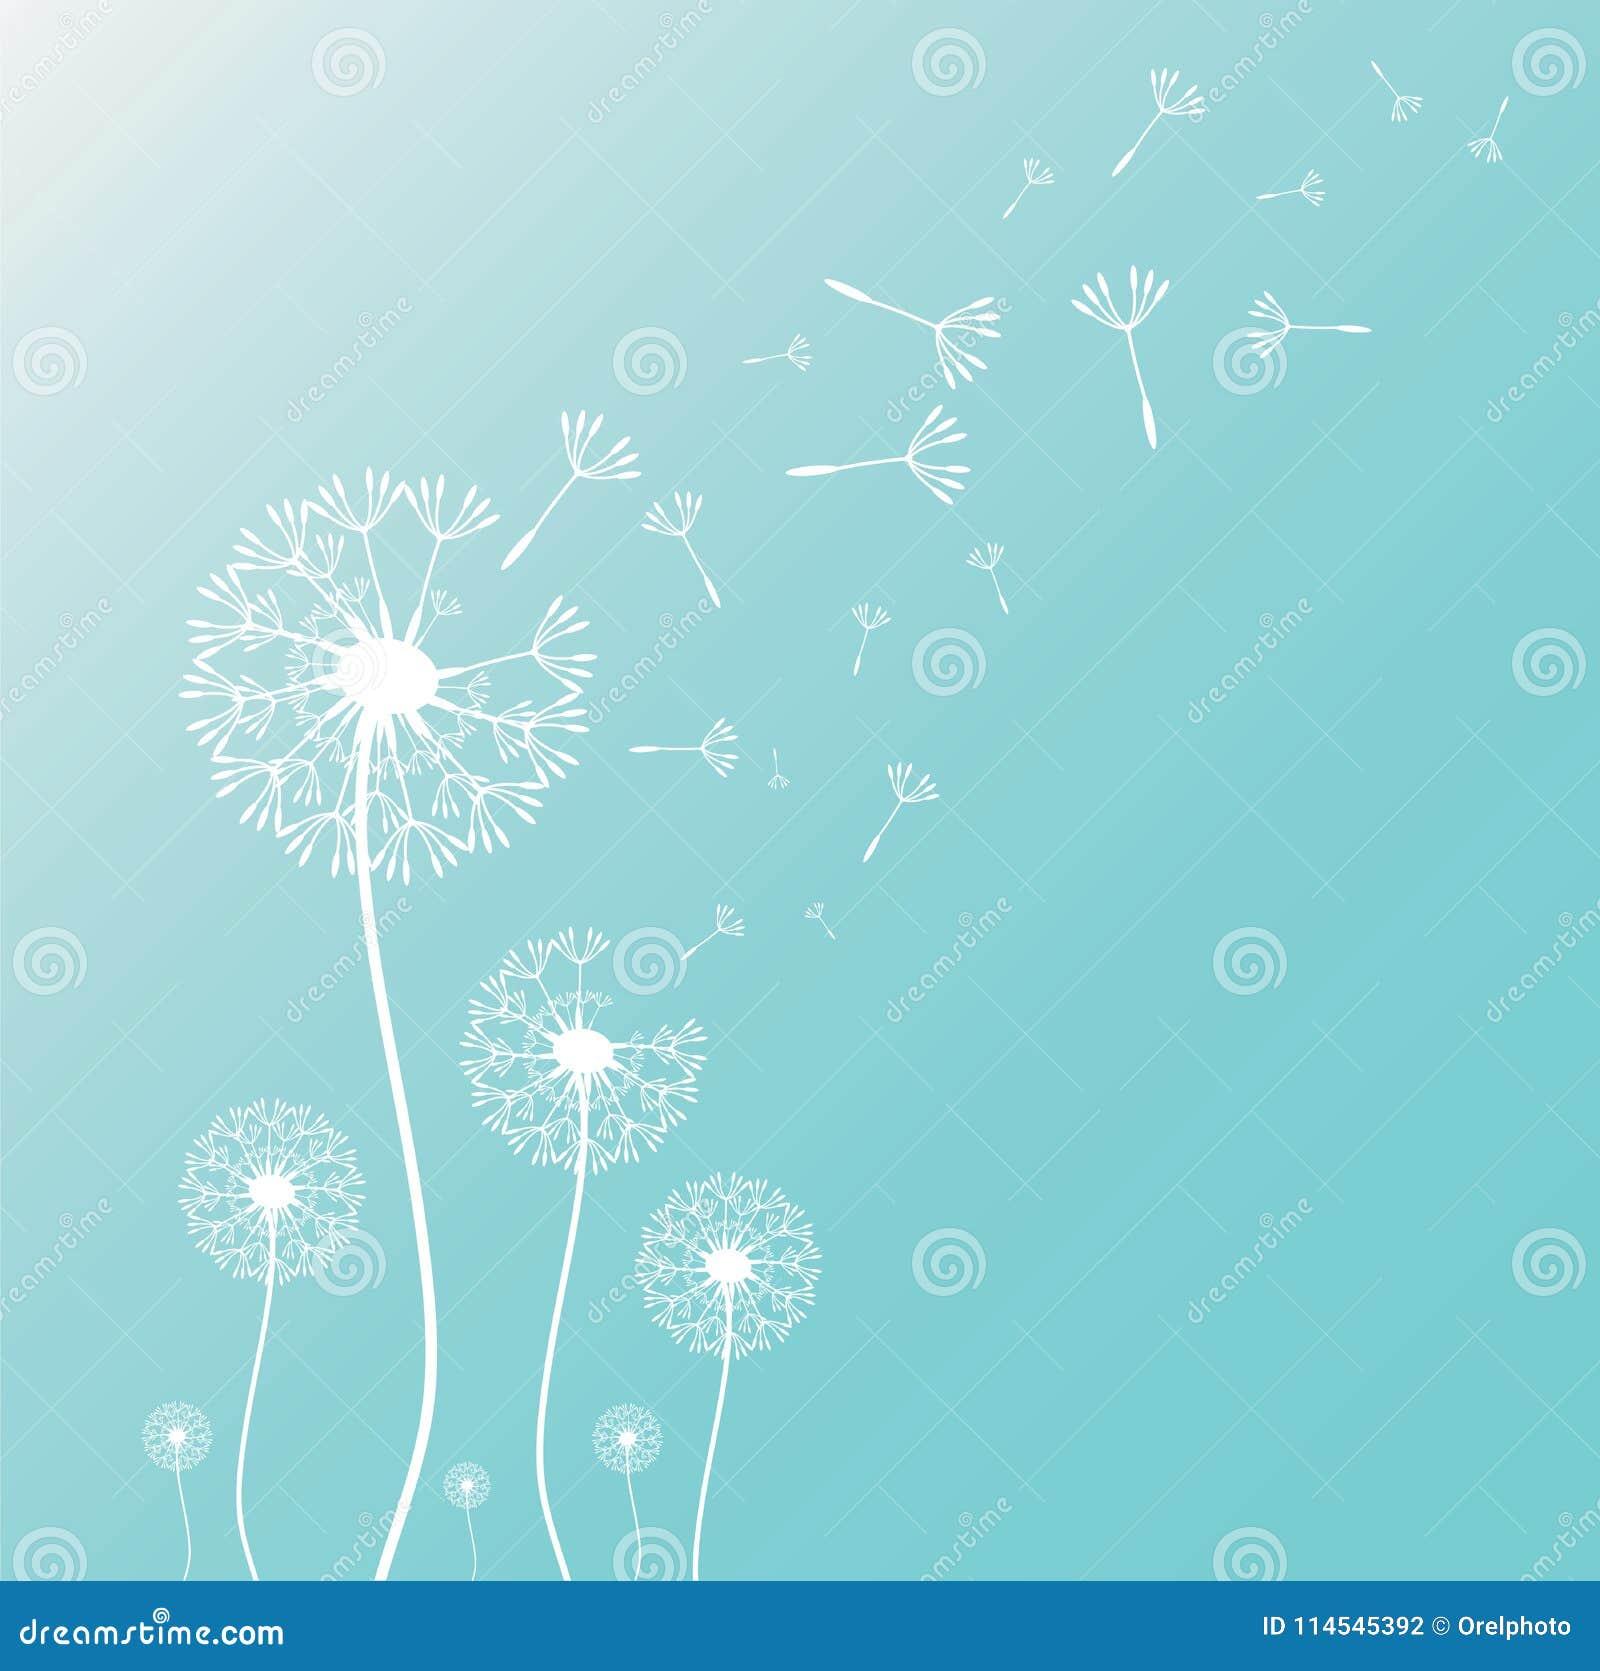 Paardebloemsilhouet met vliegende paardebloemknoppen